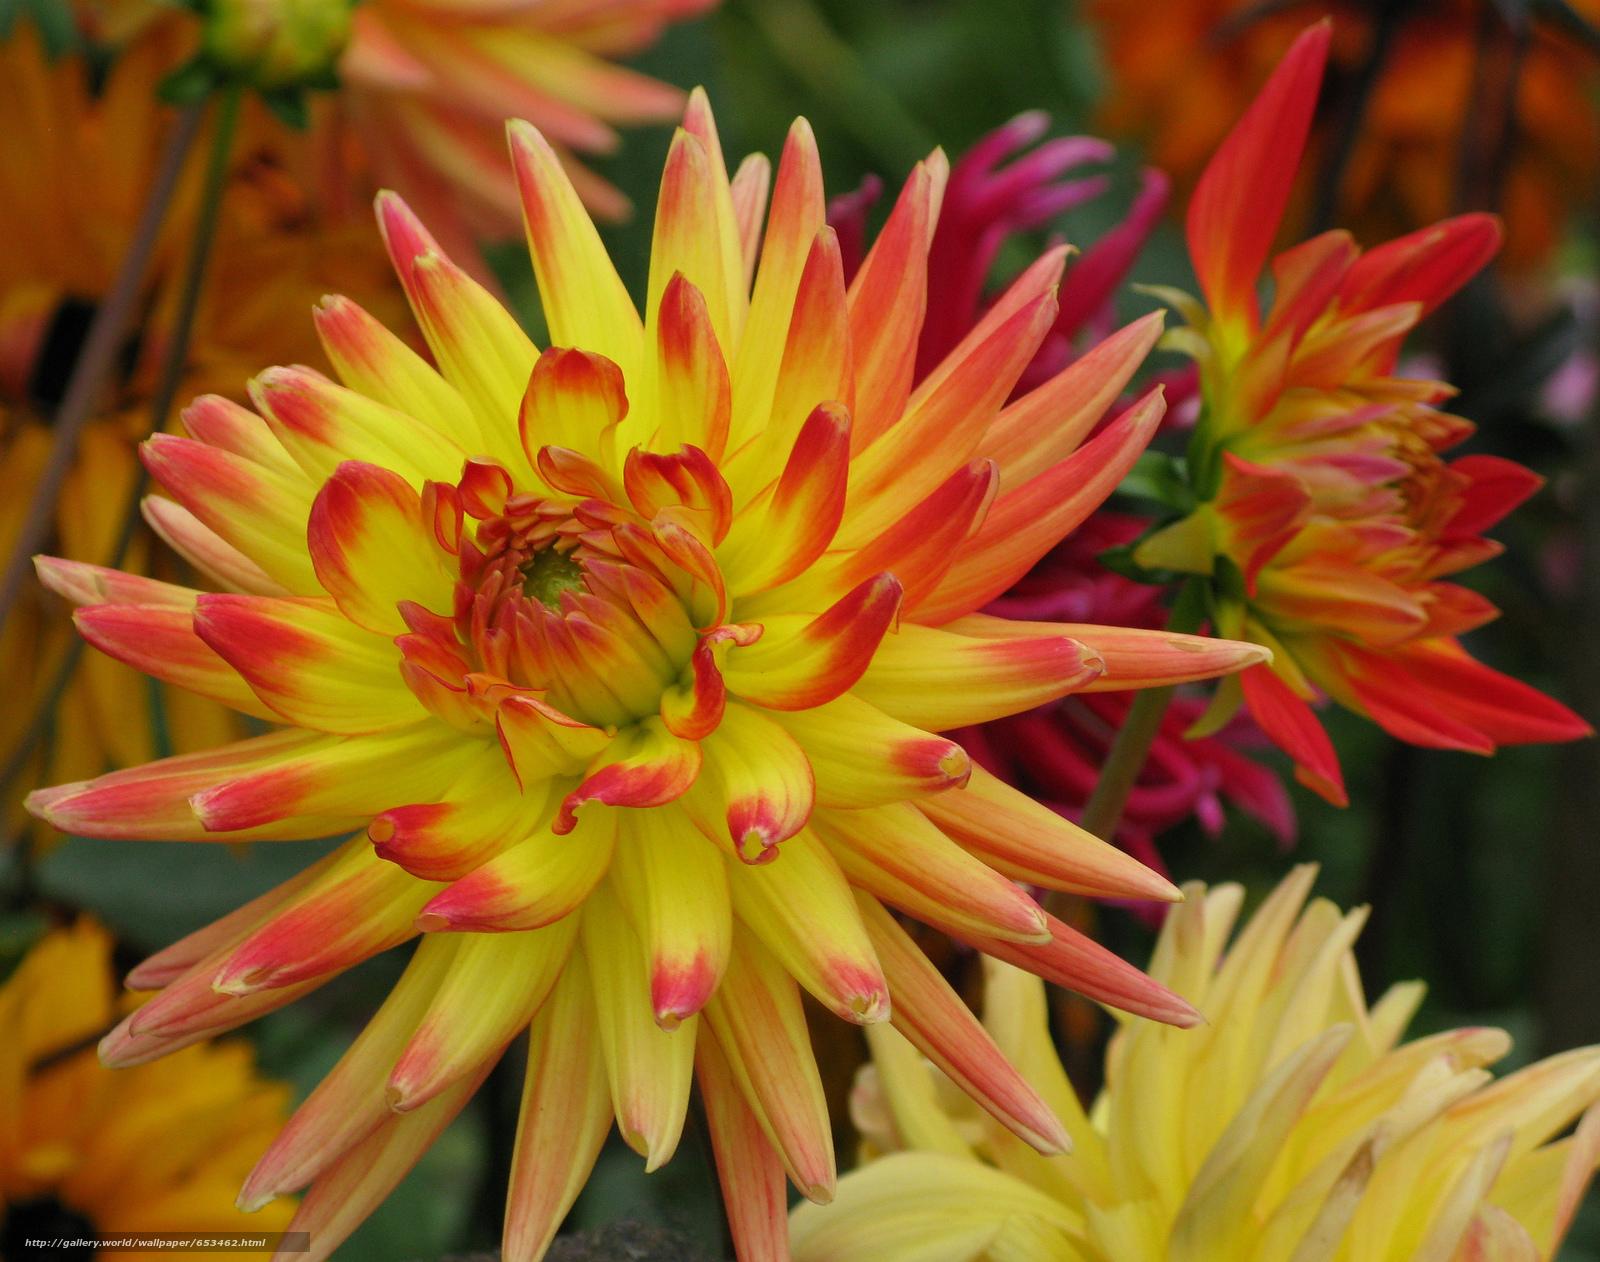 Скачать обои георгин,  цветы,  цветок,  макро бесплатно для рабочего стола в разрешении 2048x1615 — картинка №653462